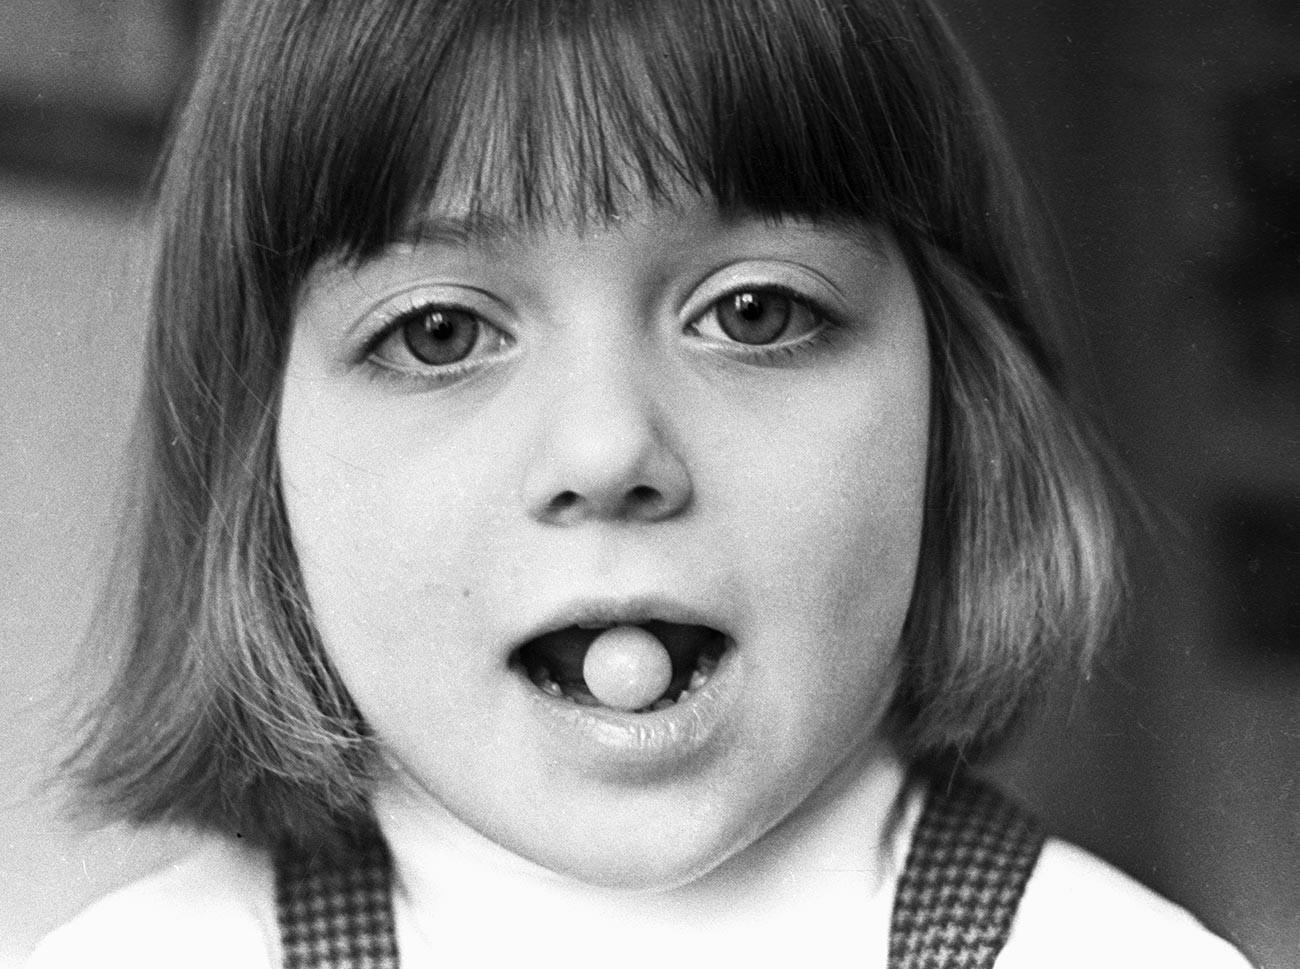 Menina segurando cápsula da vacina nos dentes no Instituto de Poliomielite e Infecções Encefálicas